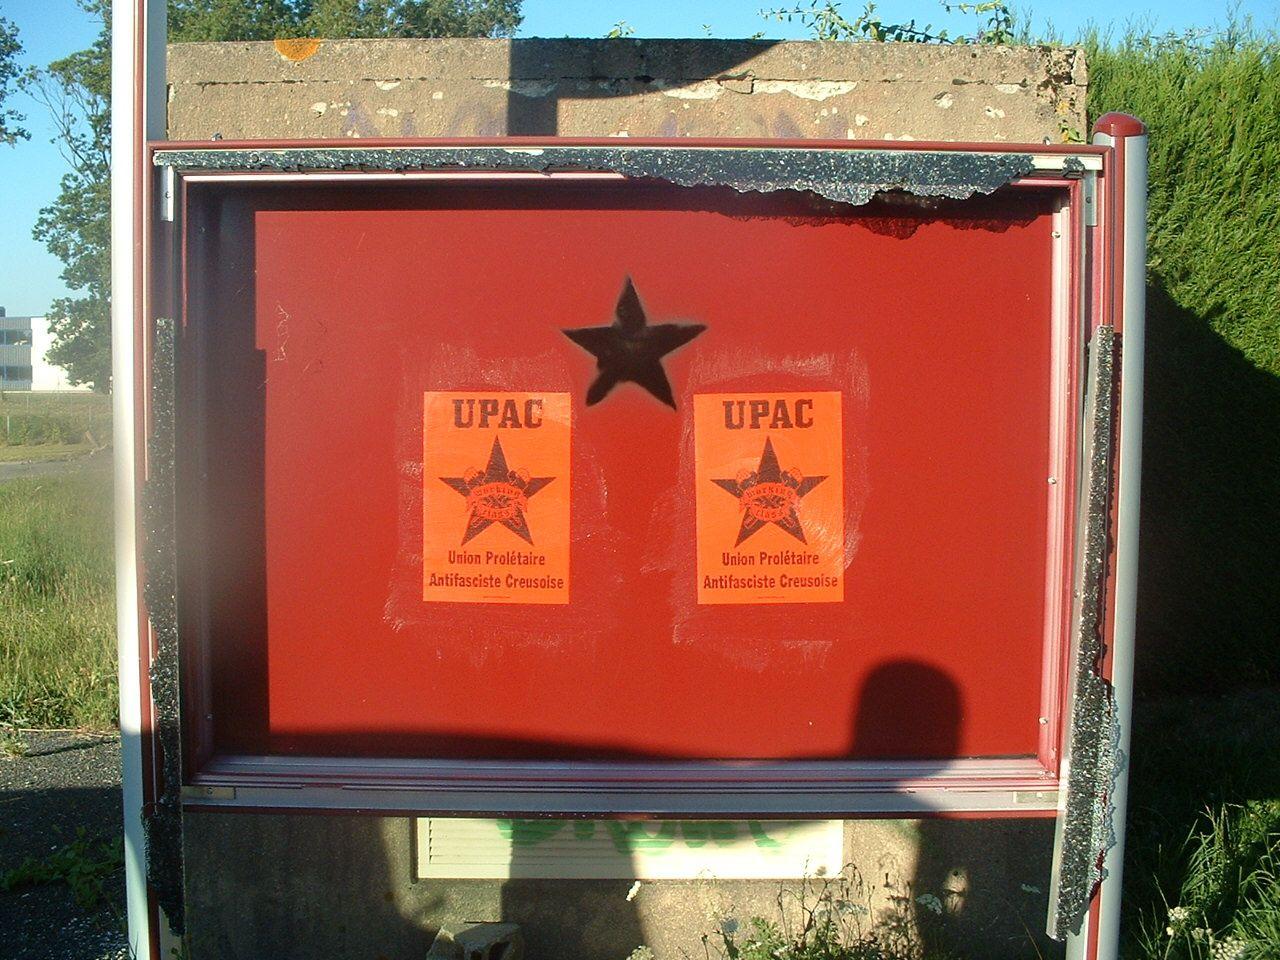 Campagne urbaine de l'UPAC à La Souterraine :